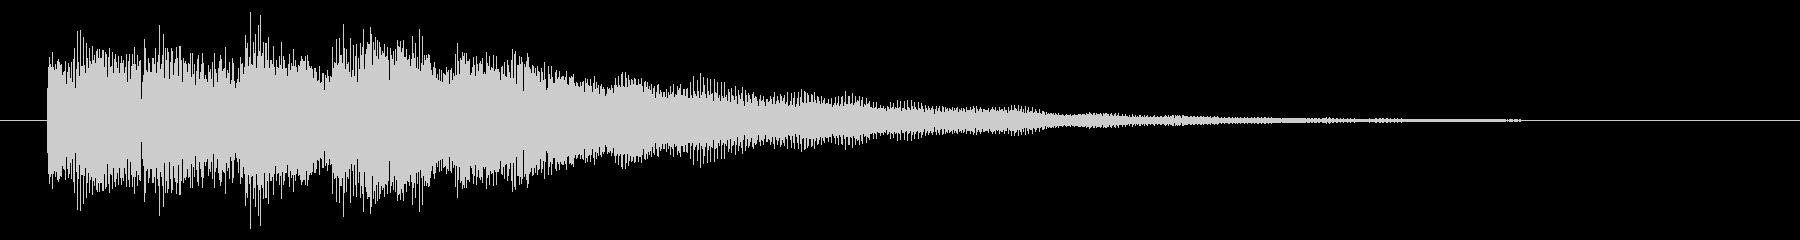 ニュースのテロップをイメージした音04の未再生の波形